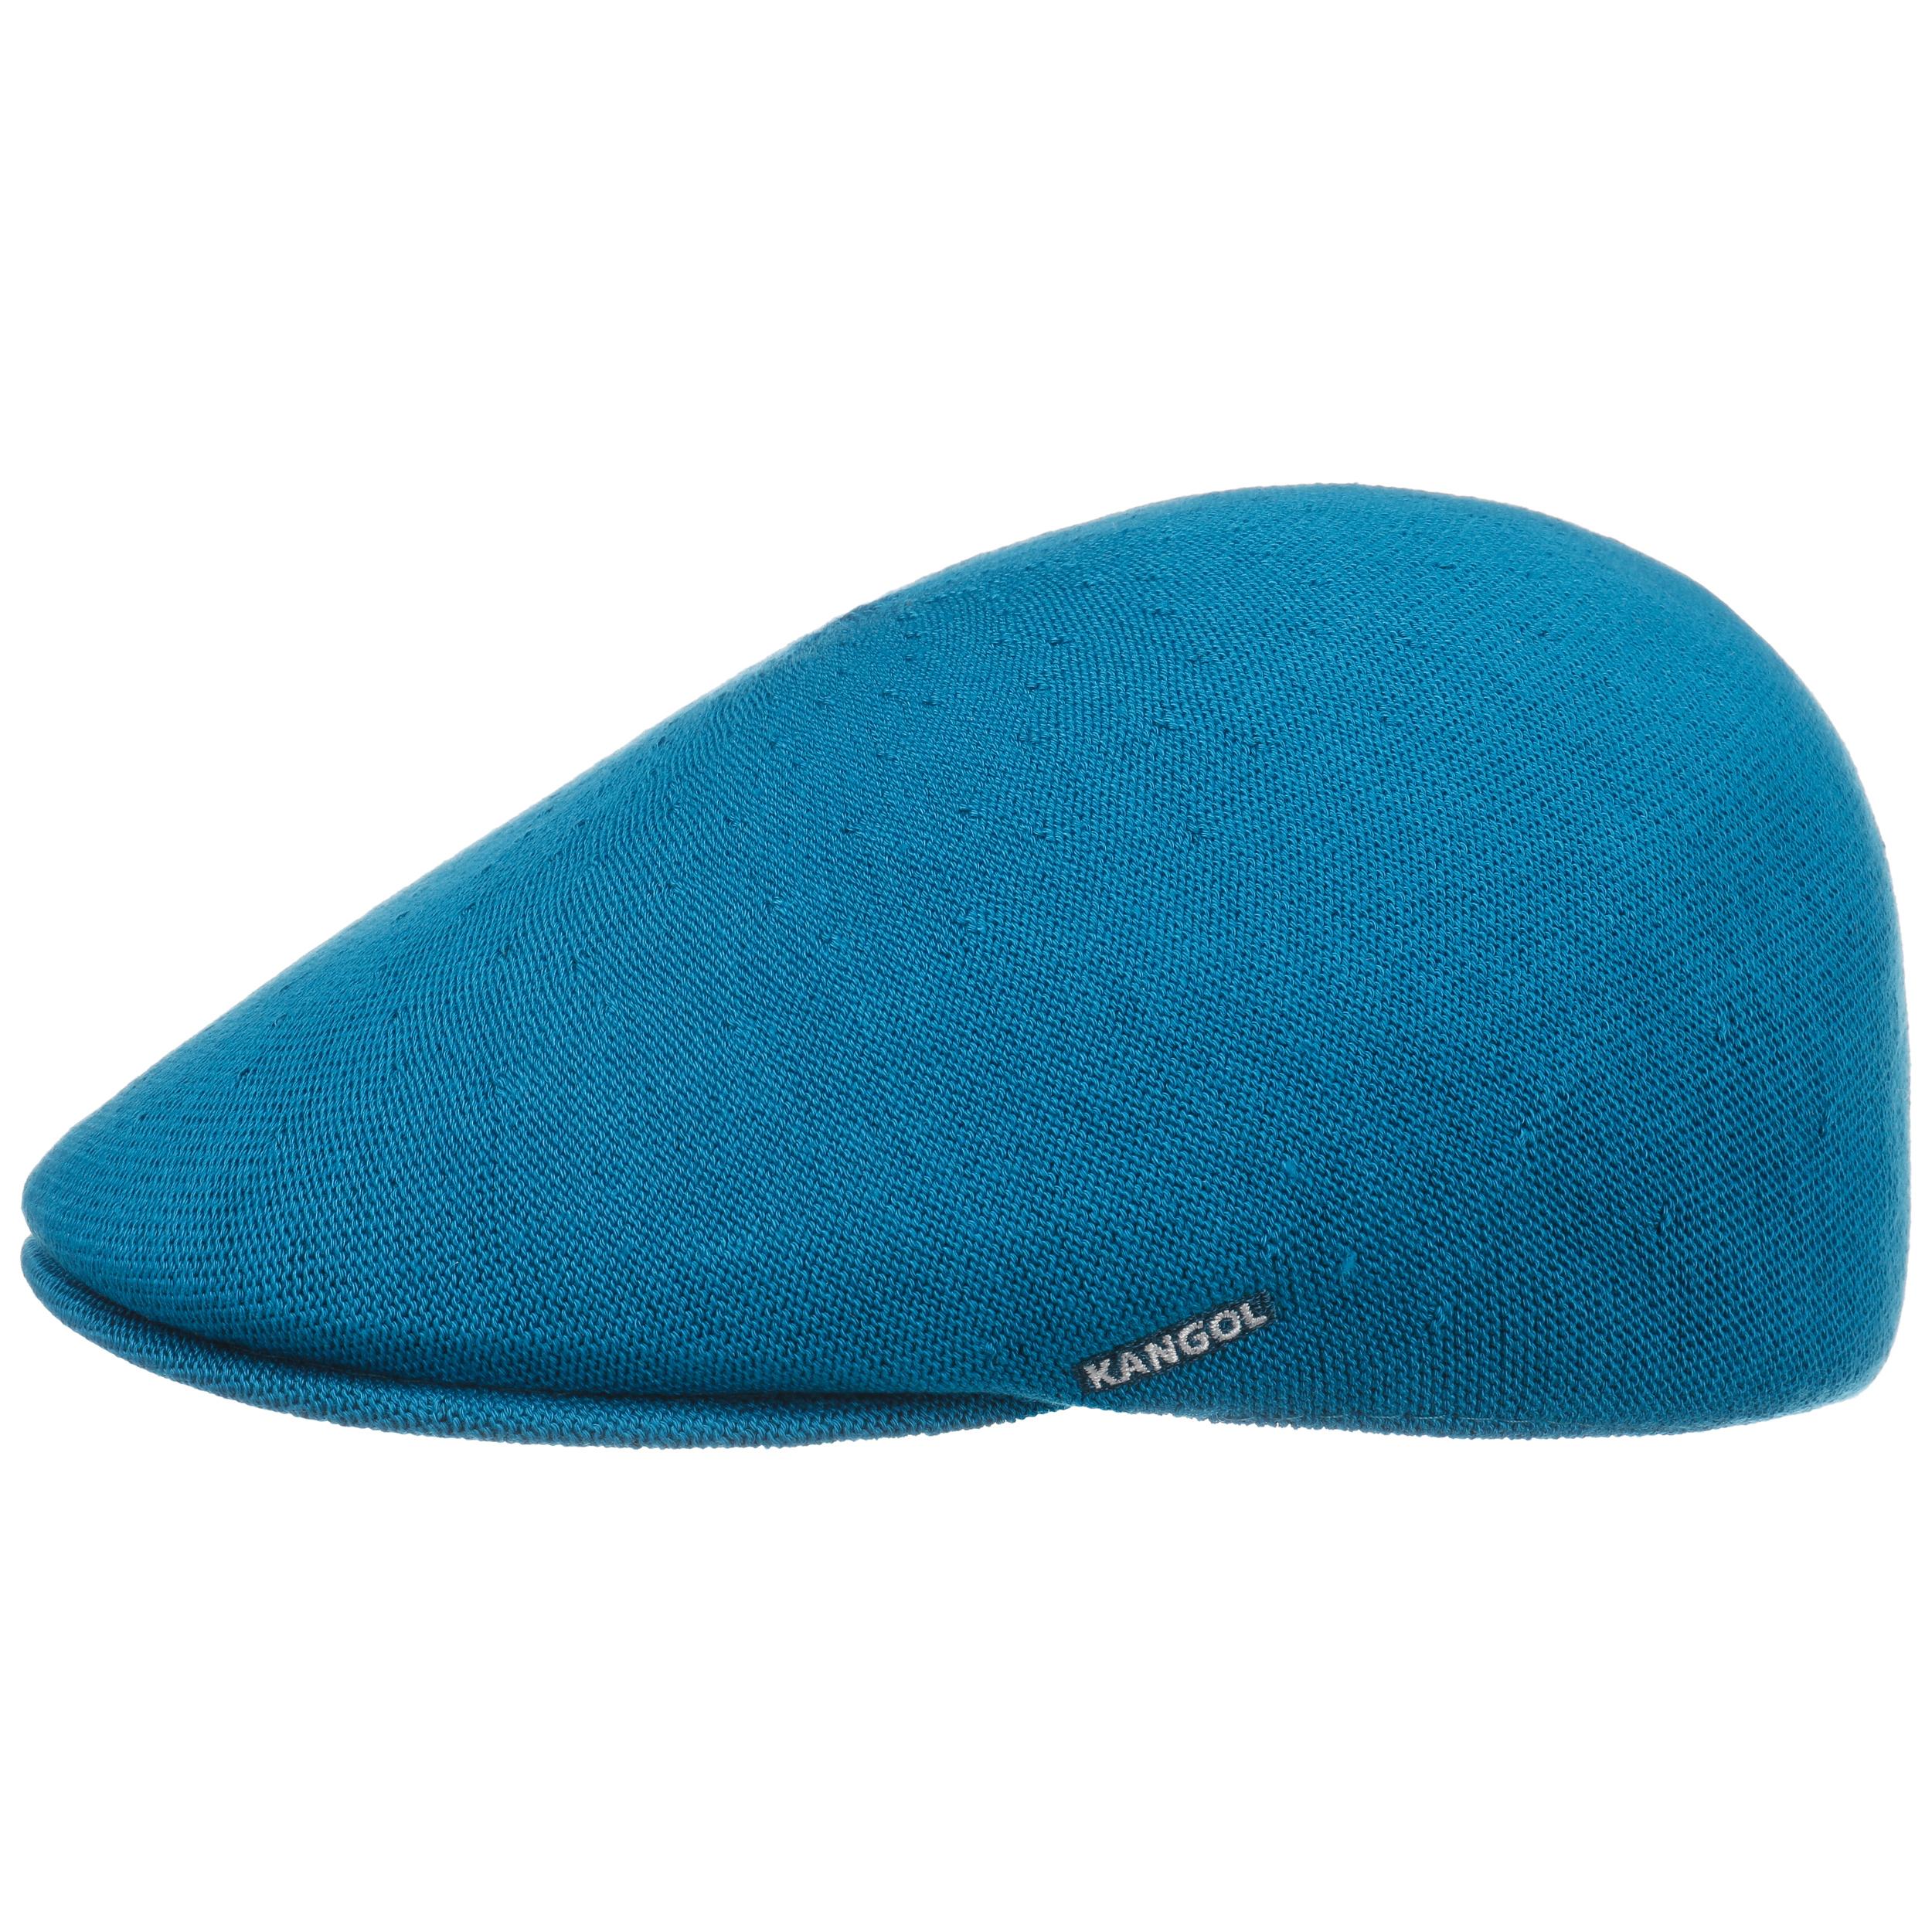 Gorra Gatsby Kangol Bambus 507 - Gorras - sombreroshop.es c16867d646f